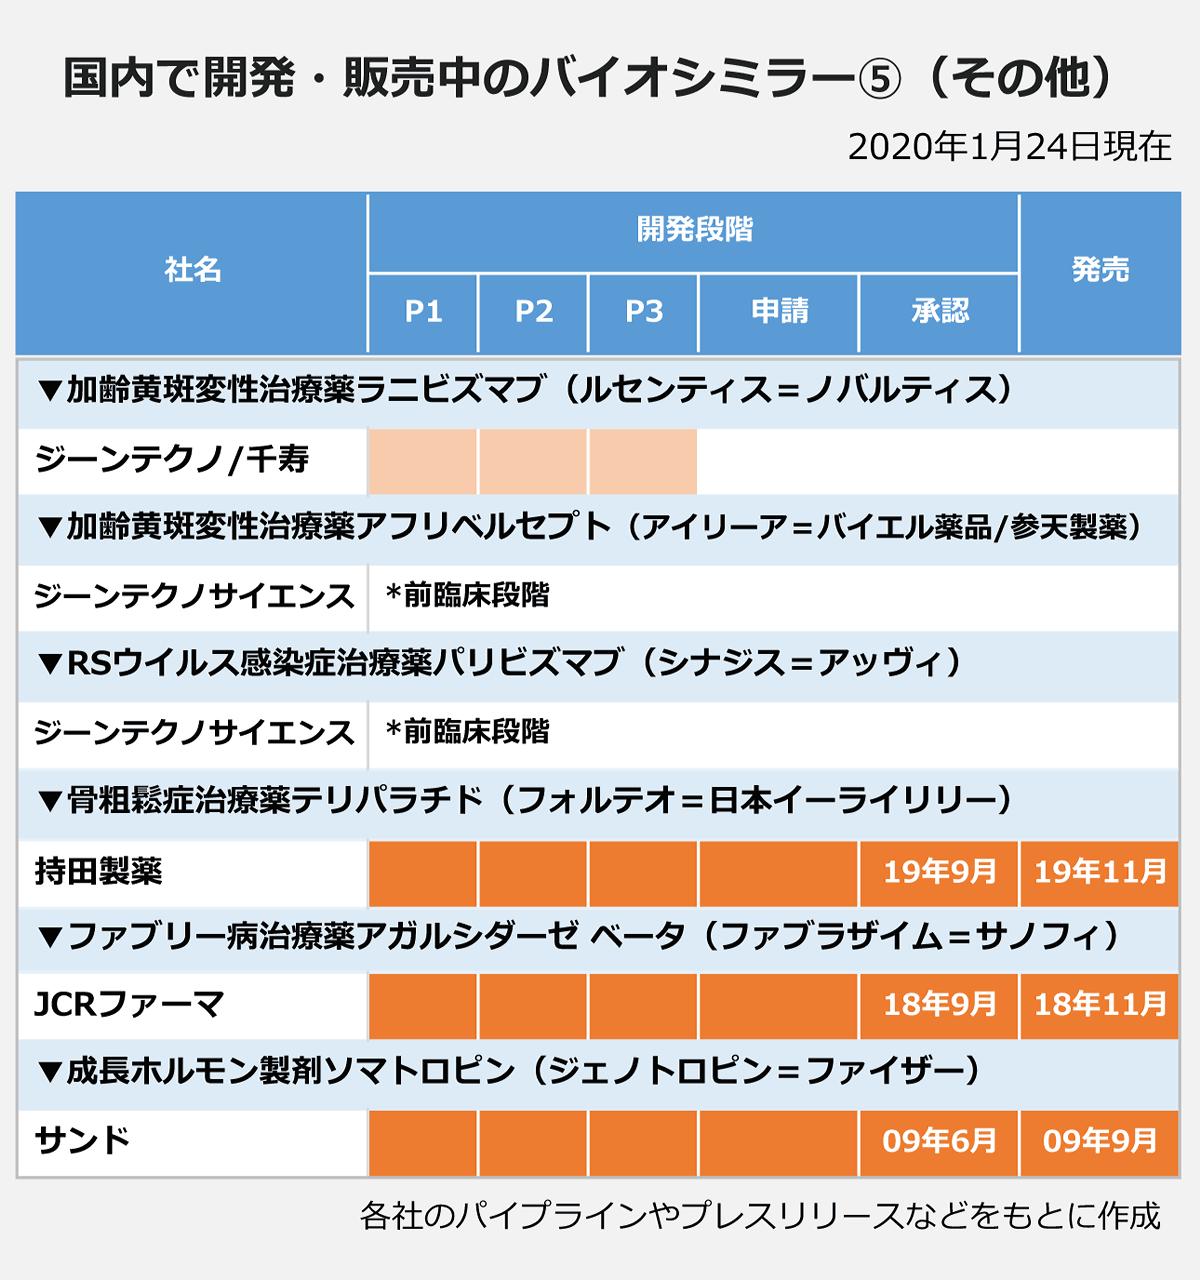 国内で開発・販売中のバイオシミラー5(その他)